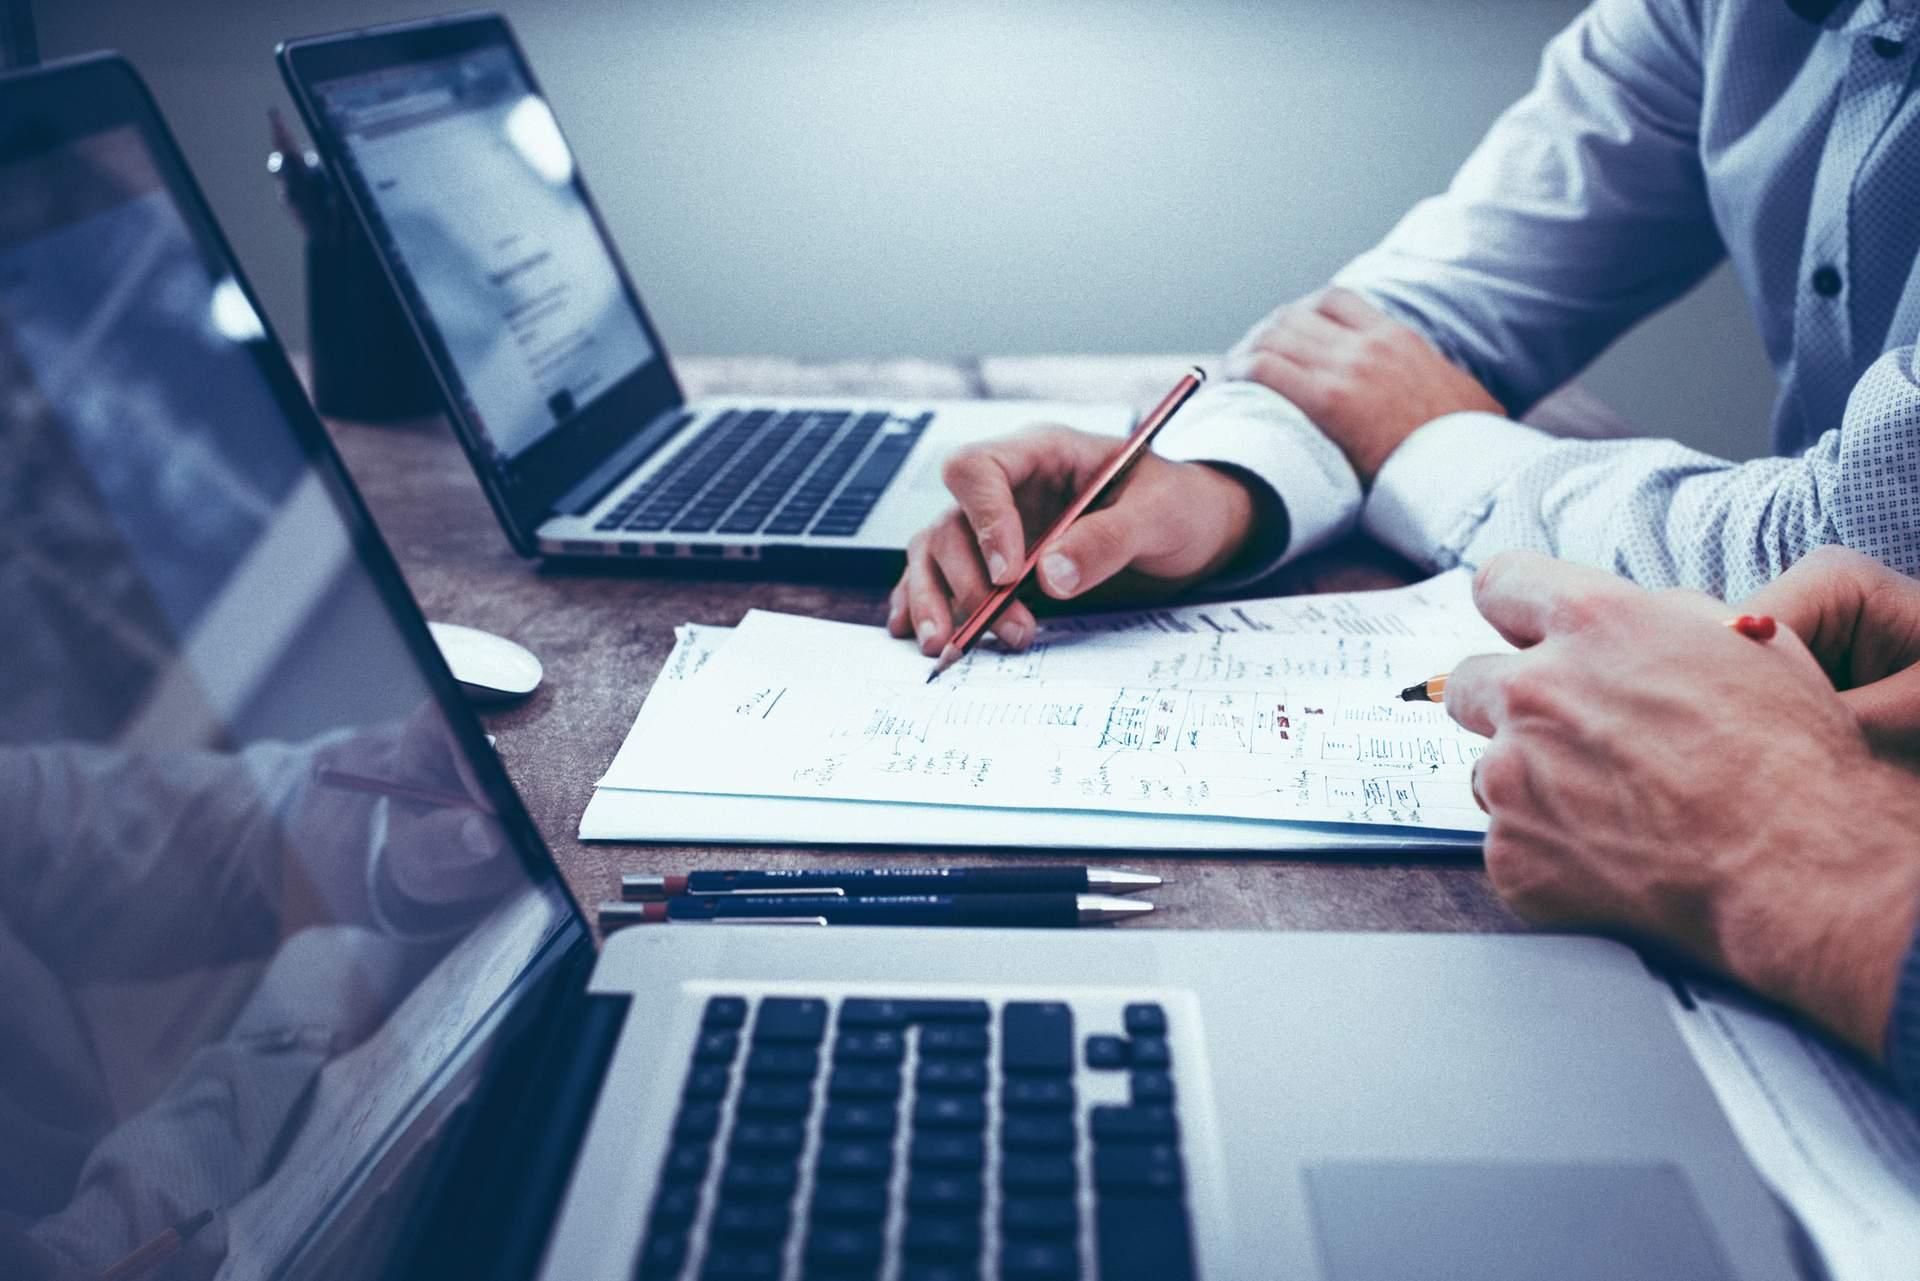 Bra uppkoppling och nätverkstjänster för kontoret från Tele2 Företag Credit: Unsplash